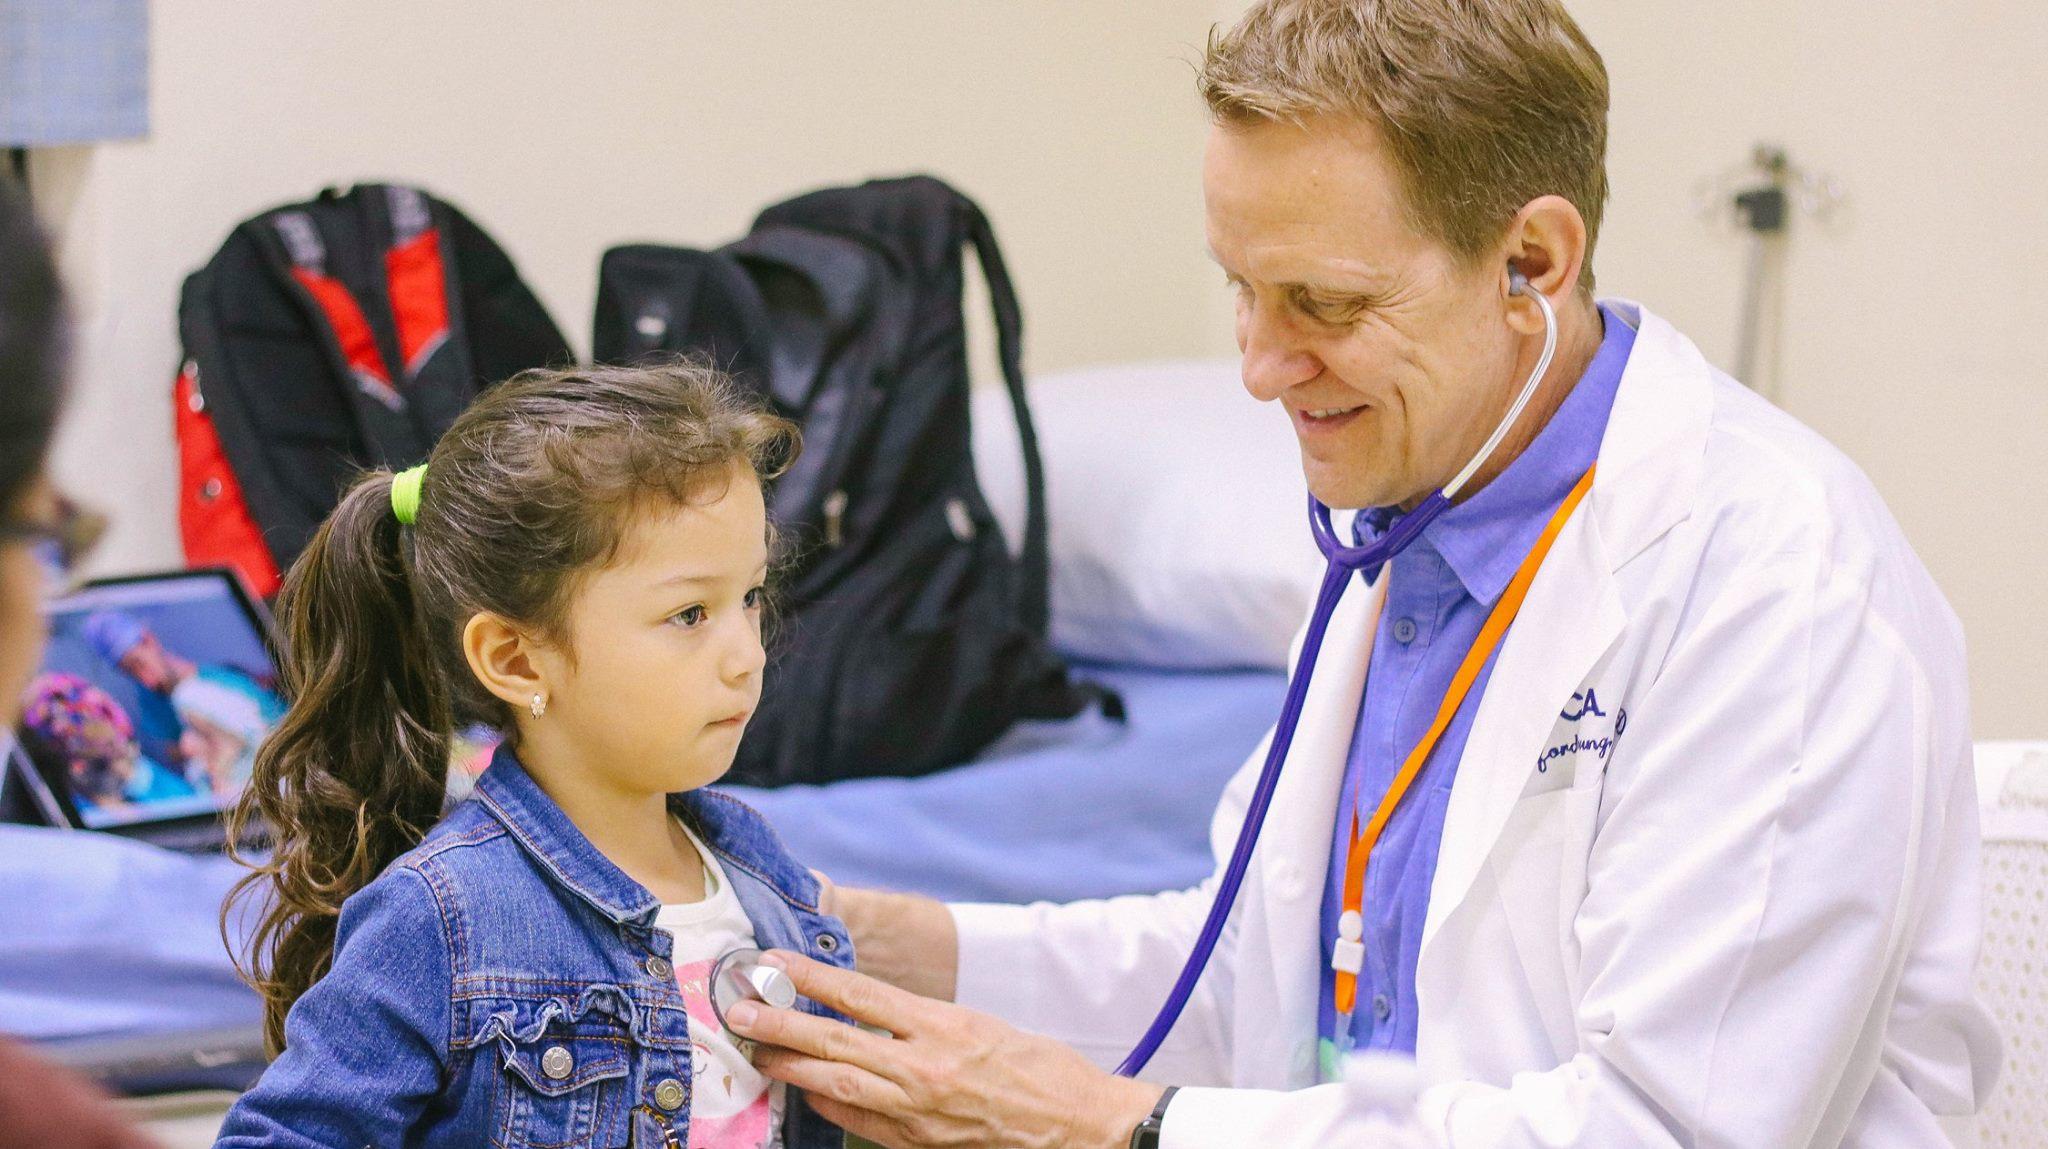 Jornada gratuita de ortopedia para niños en la Ciudad de Guatemala